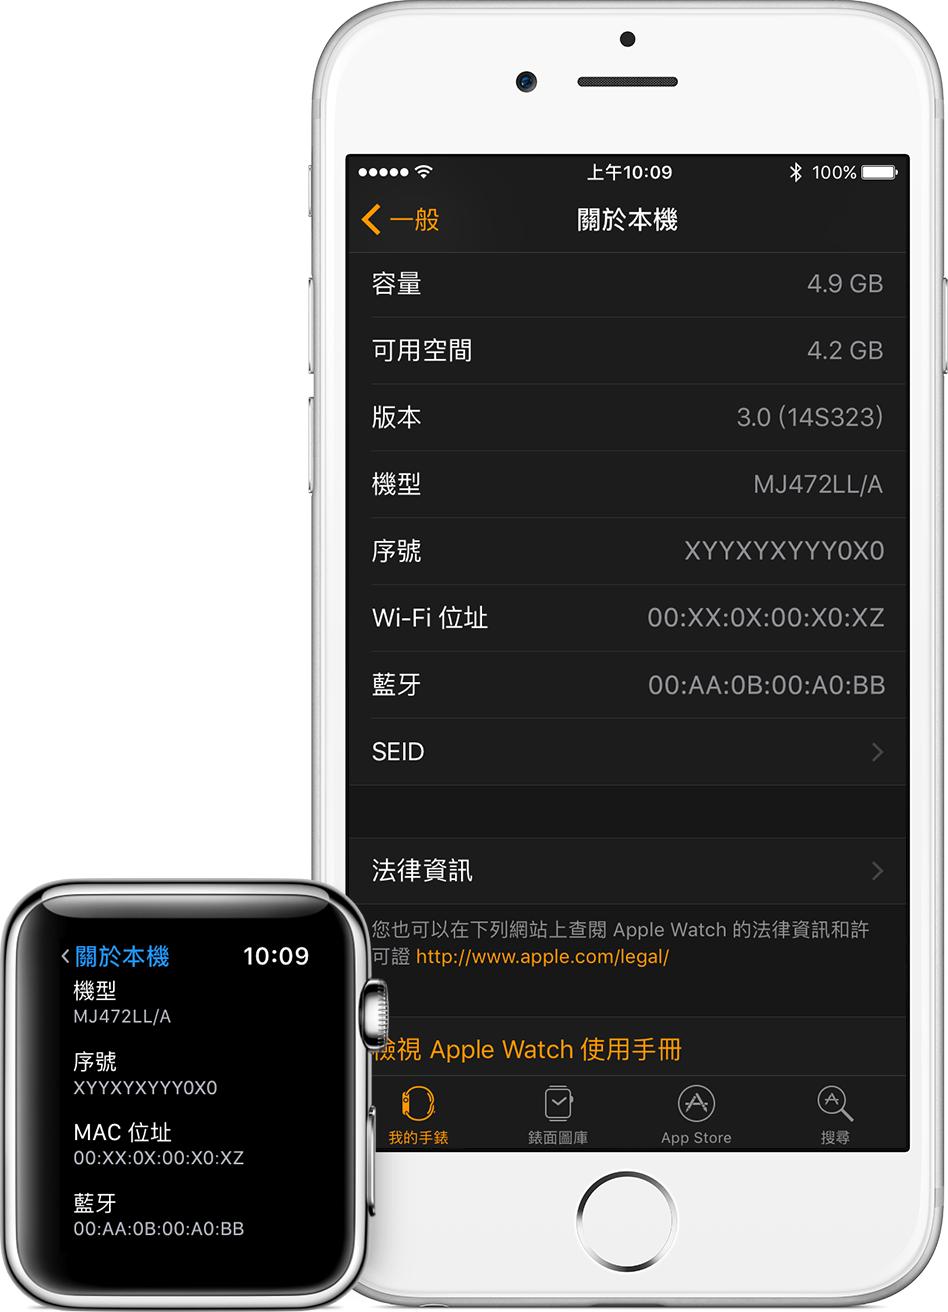 尋找 Apple Watch 的序號 - Apple 支援